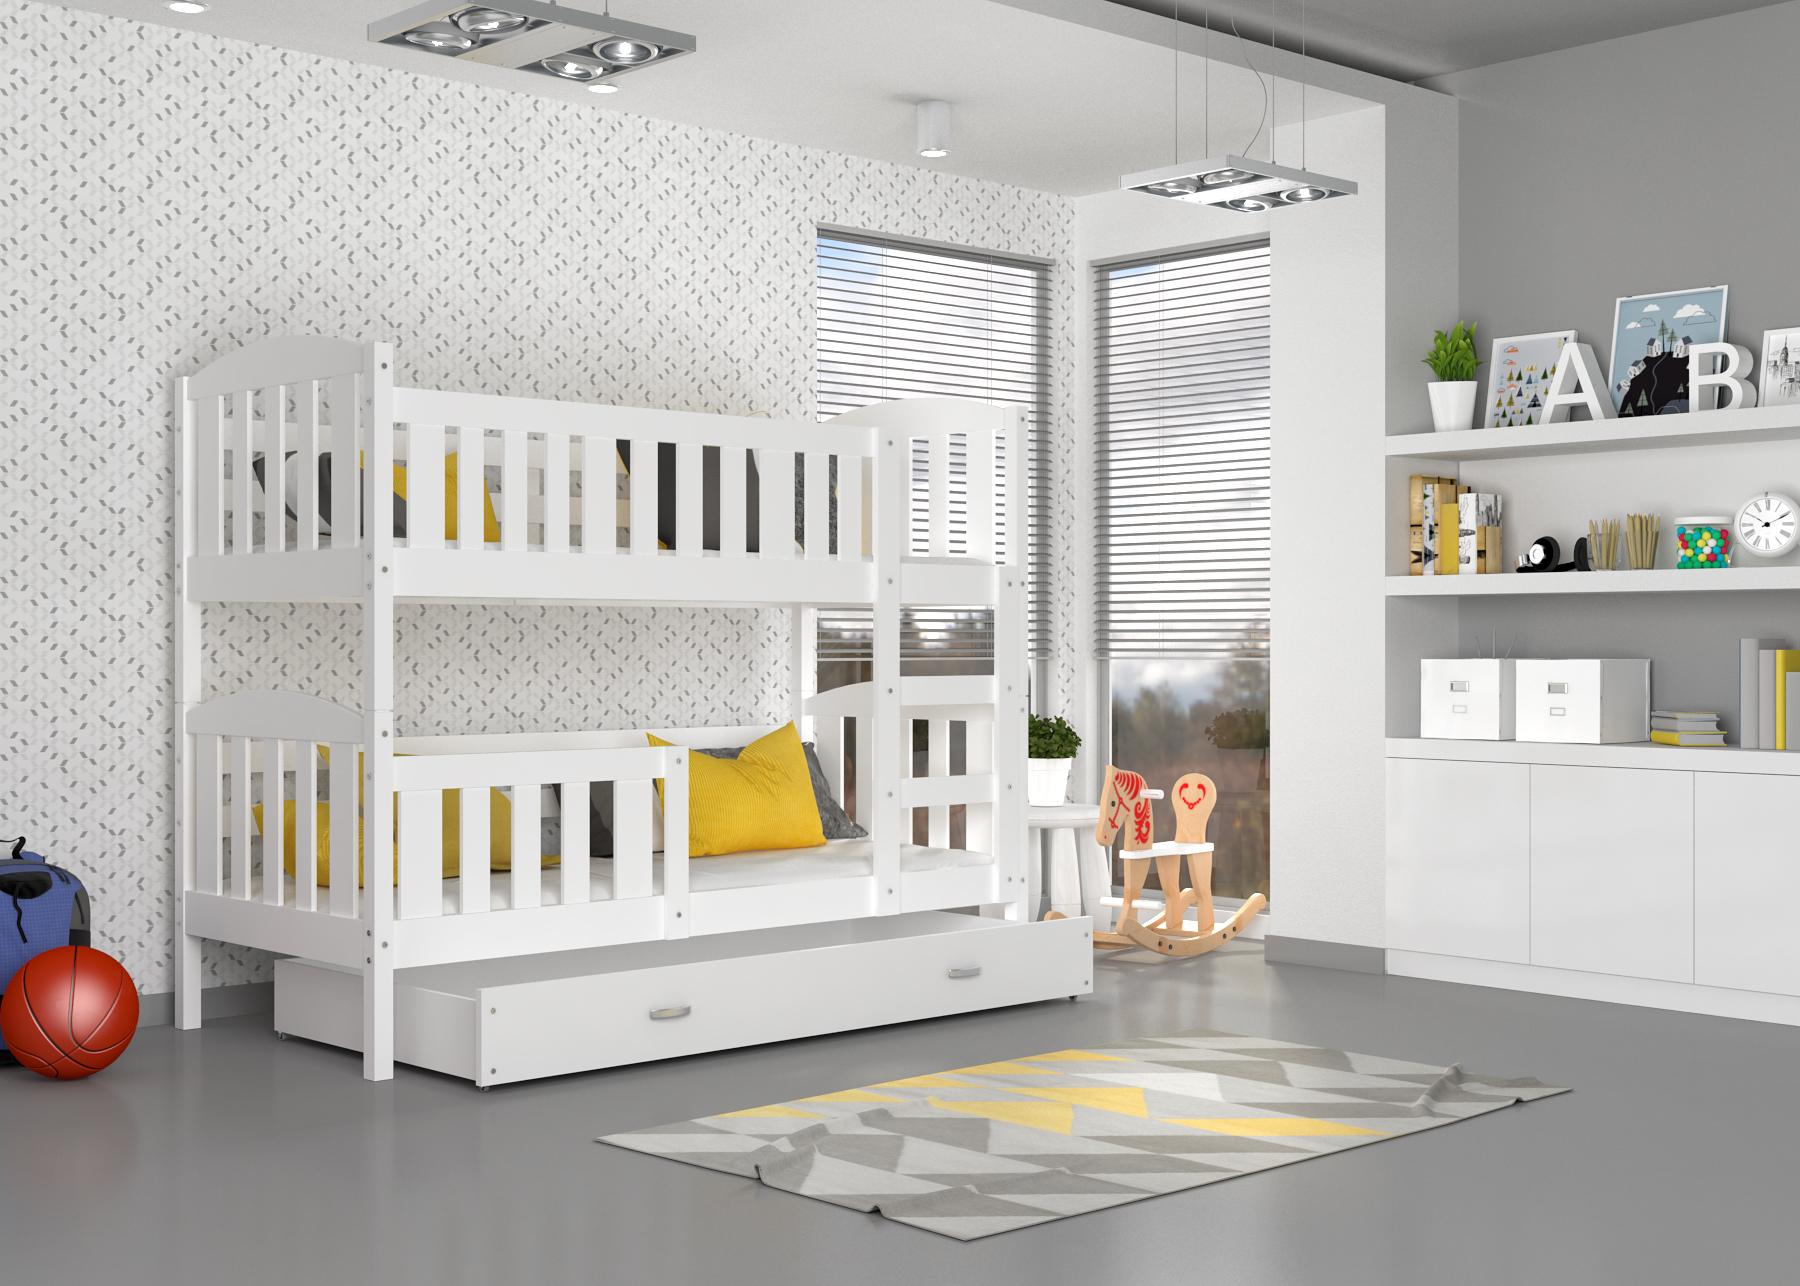 Etagenbett Liegefläche 80 180 : Nue hochbett eryk etagenbett erle fur zwein kinder mit